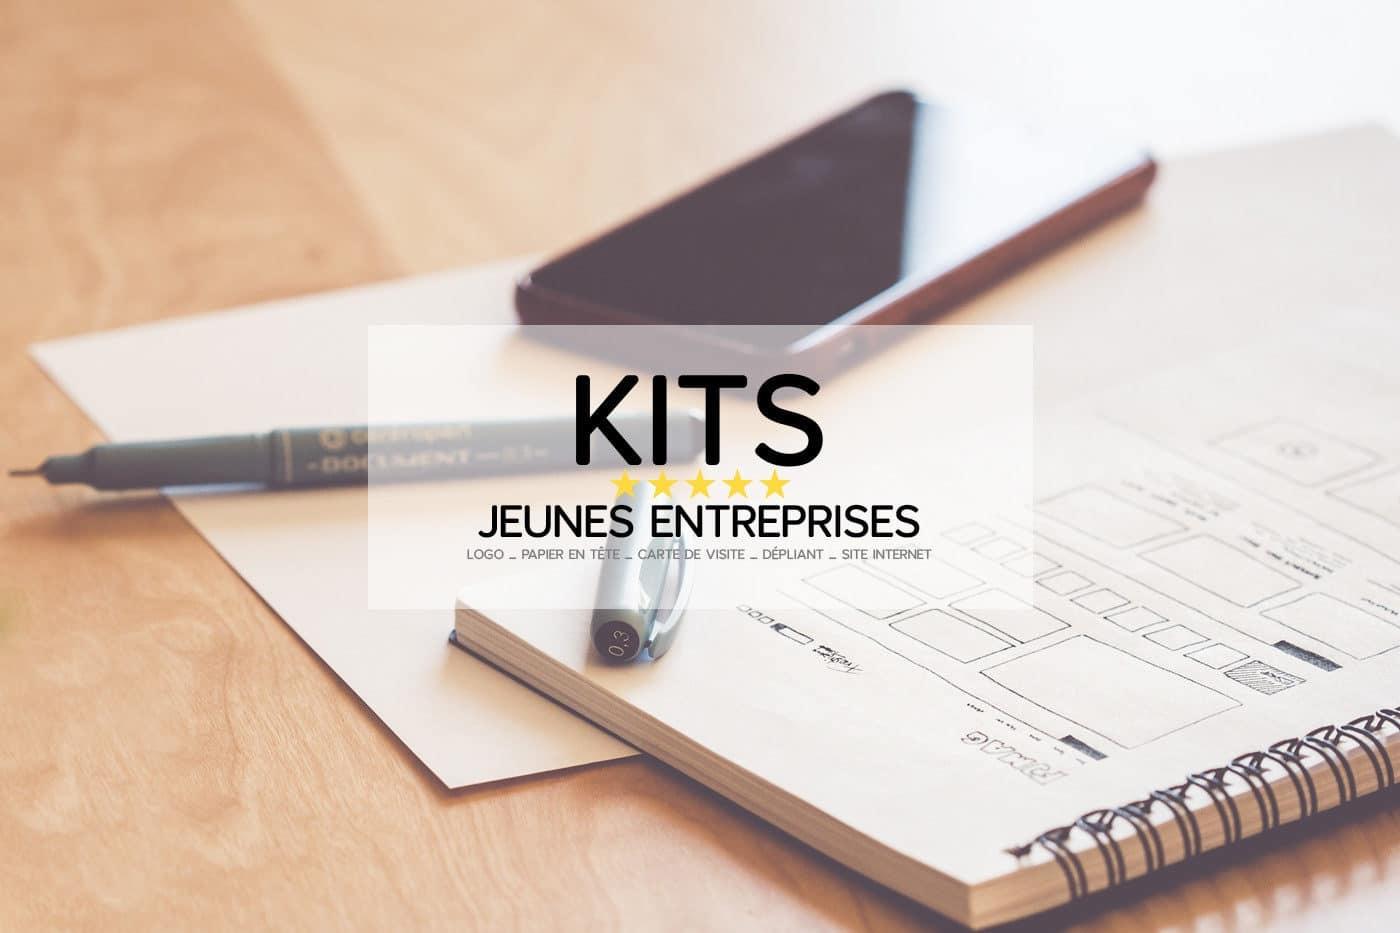 Kits jeunes entreprises